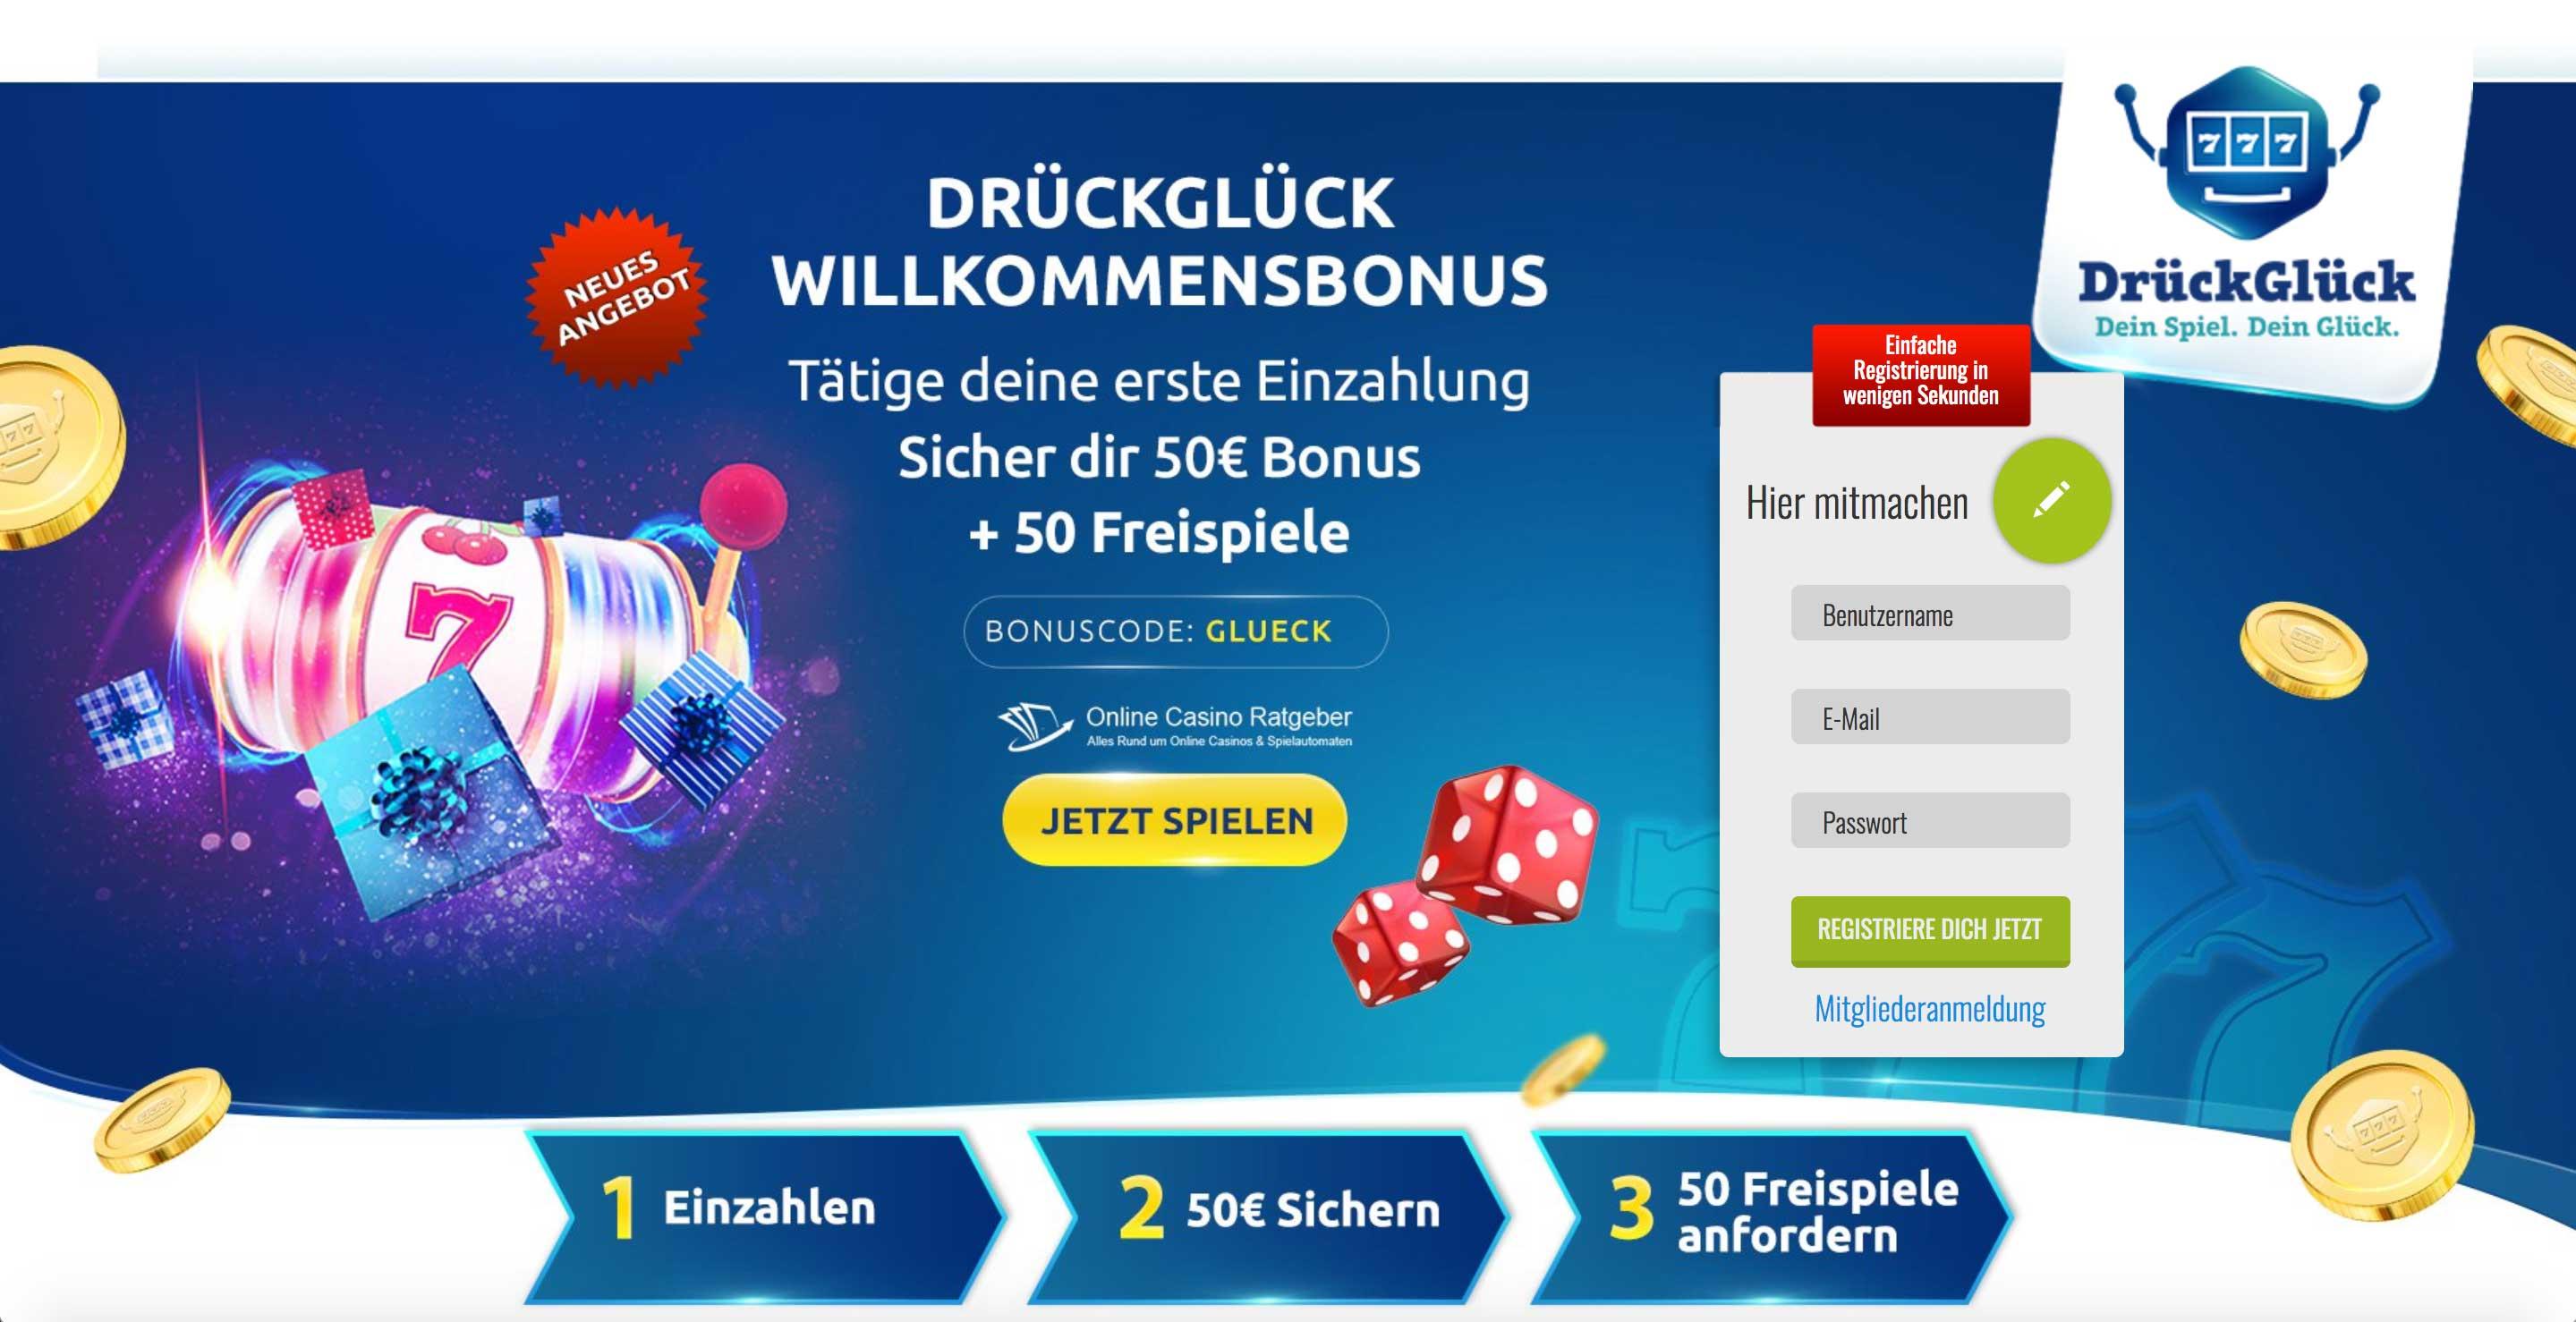 DrückGlück Online-Casino-Ratgeber.de